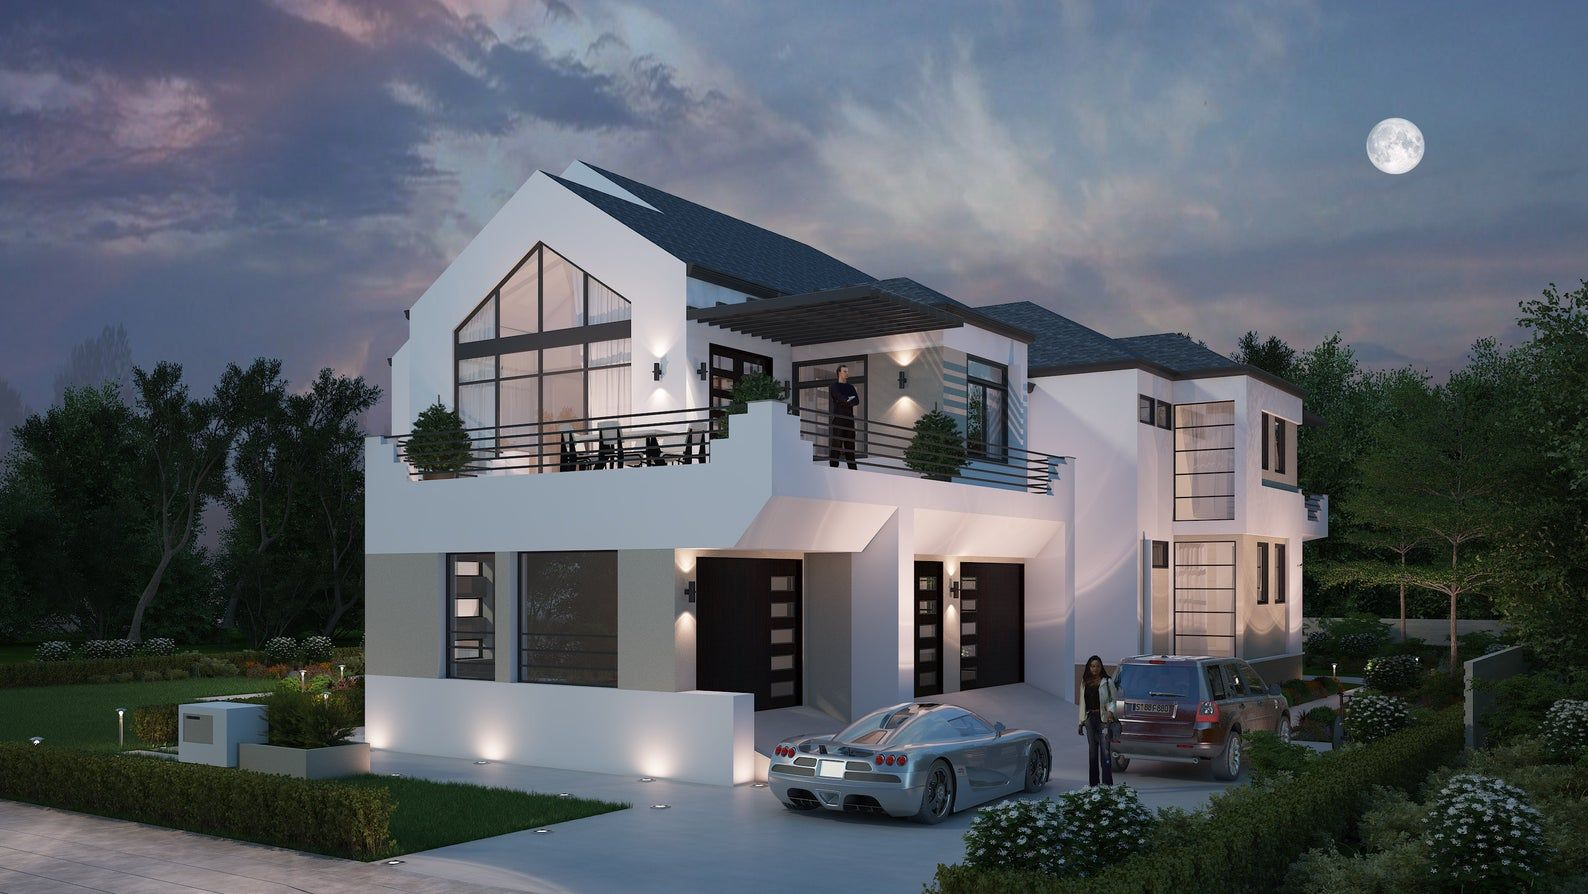 5 Bedroom House Floor Plan Instant Download, Luxury Floor ...